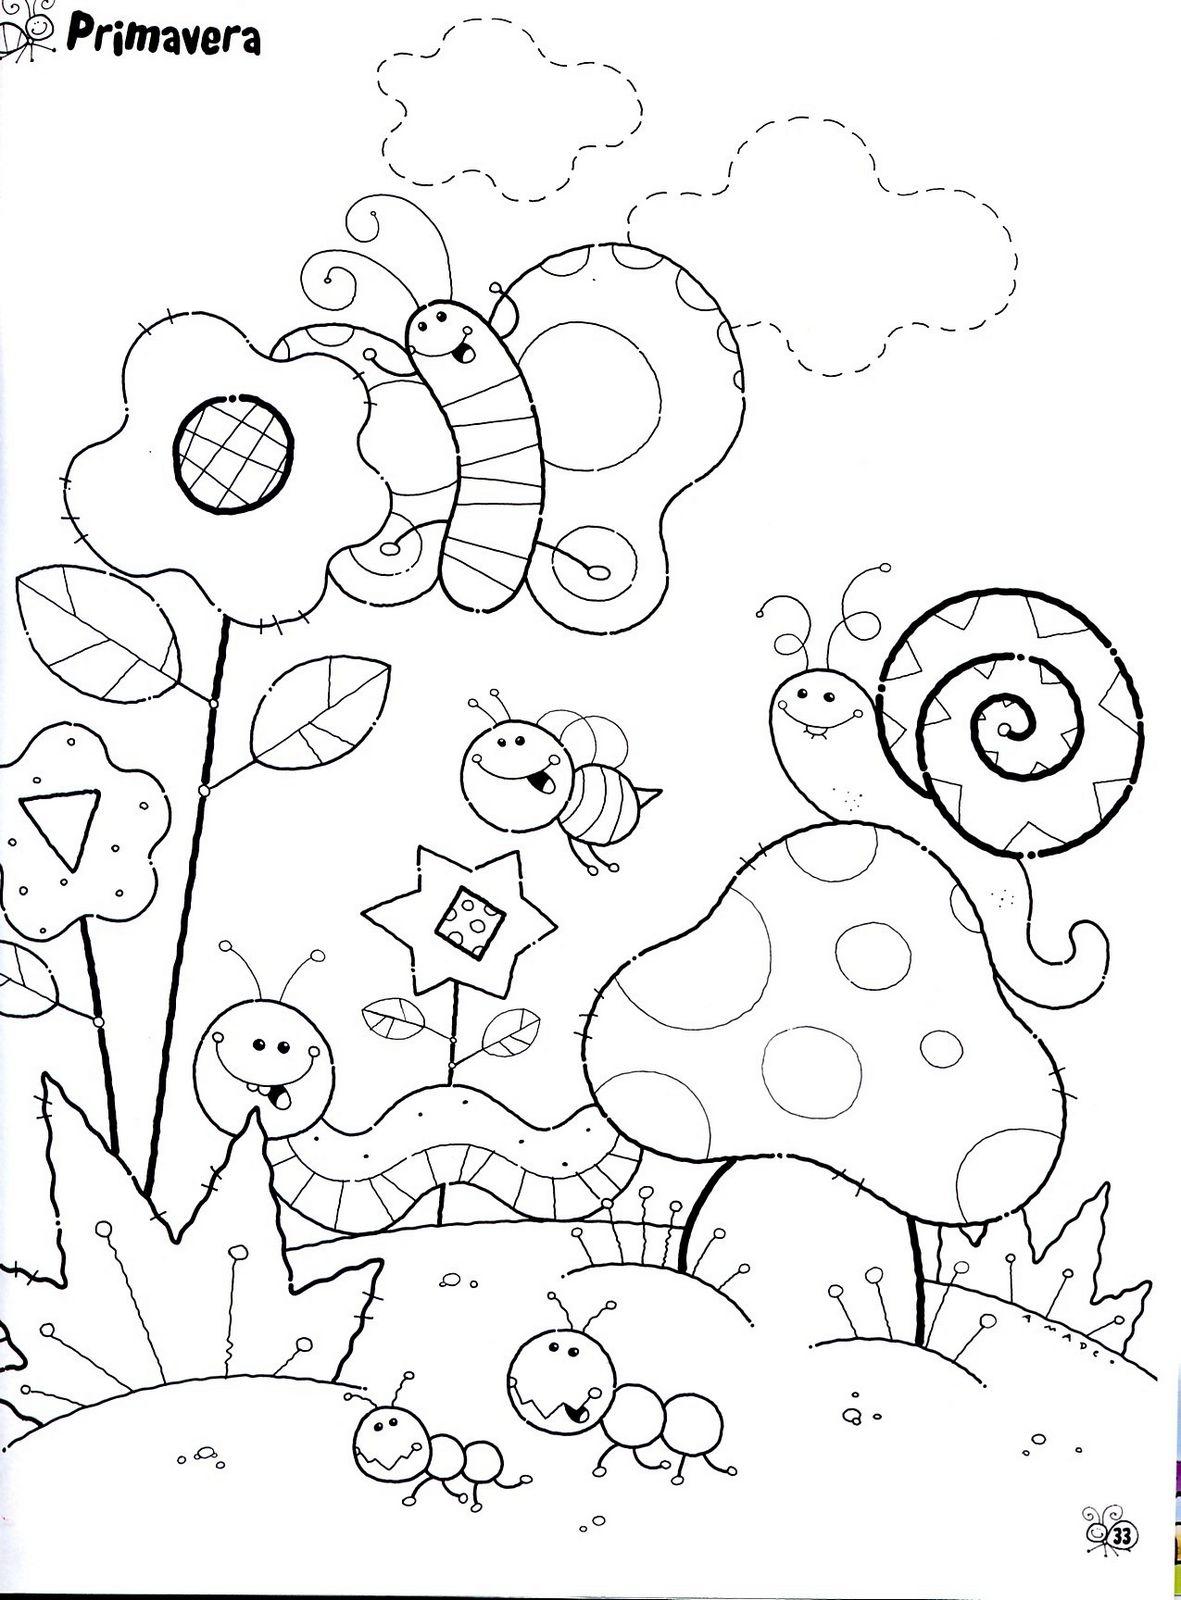 Diversos Desenhos De Caracol Para Imprimir E Colorir